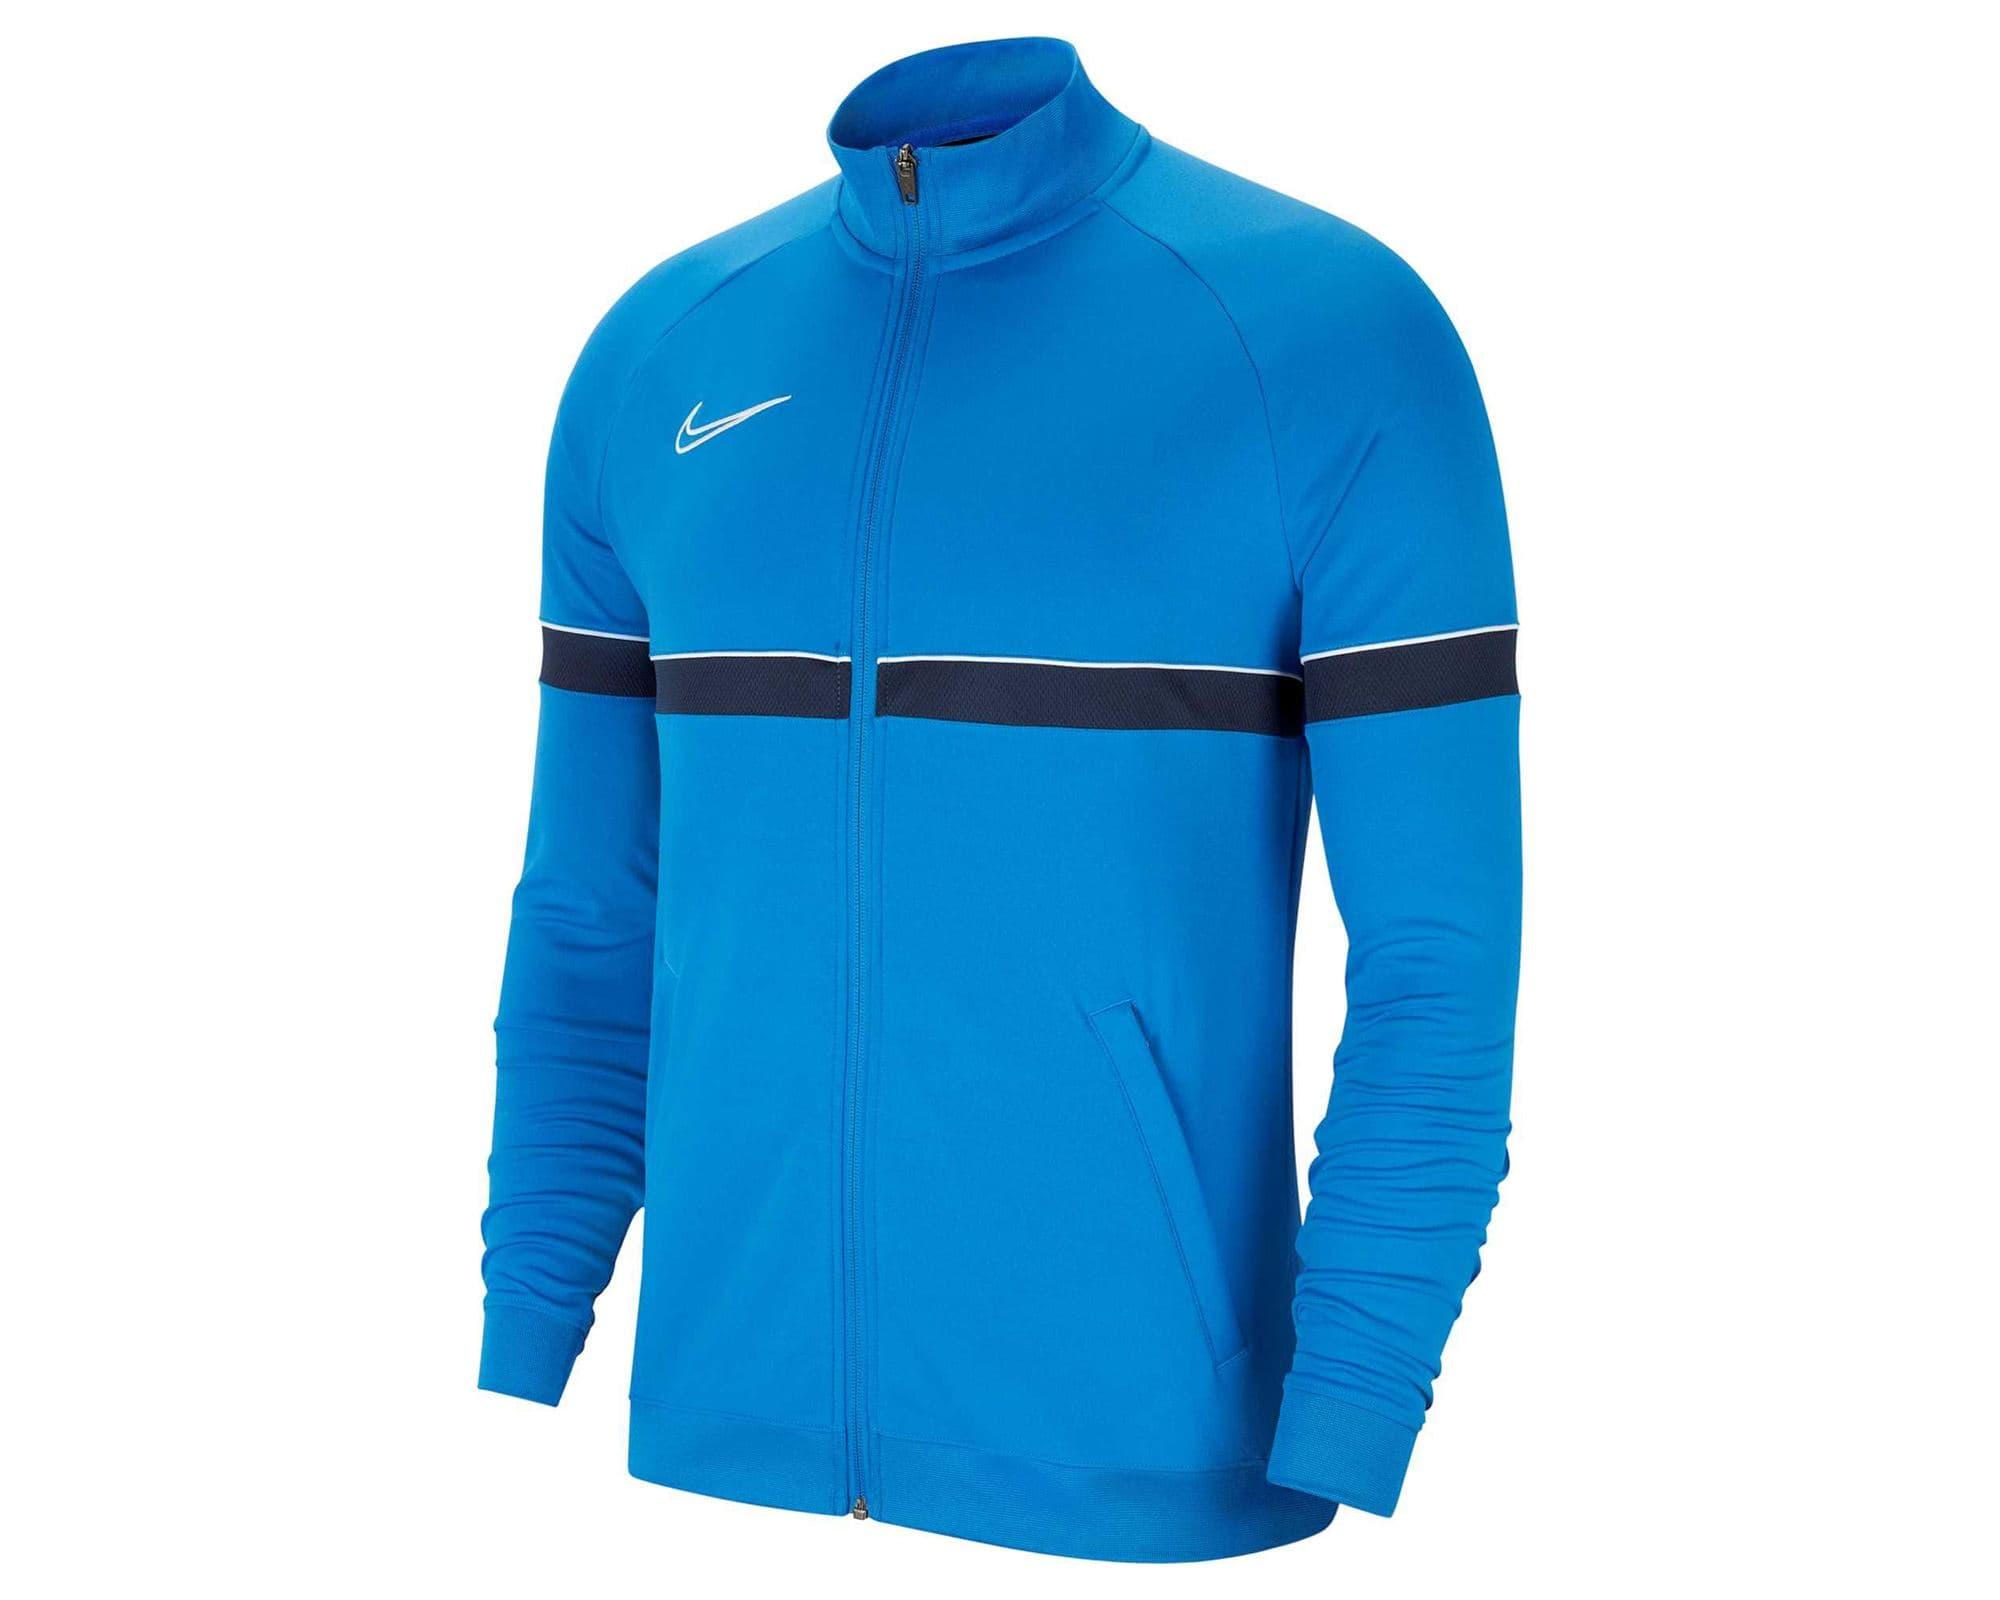 Academy 21 Erkek Mavi Futbol Ceket (CW6113-463)